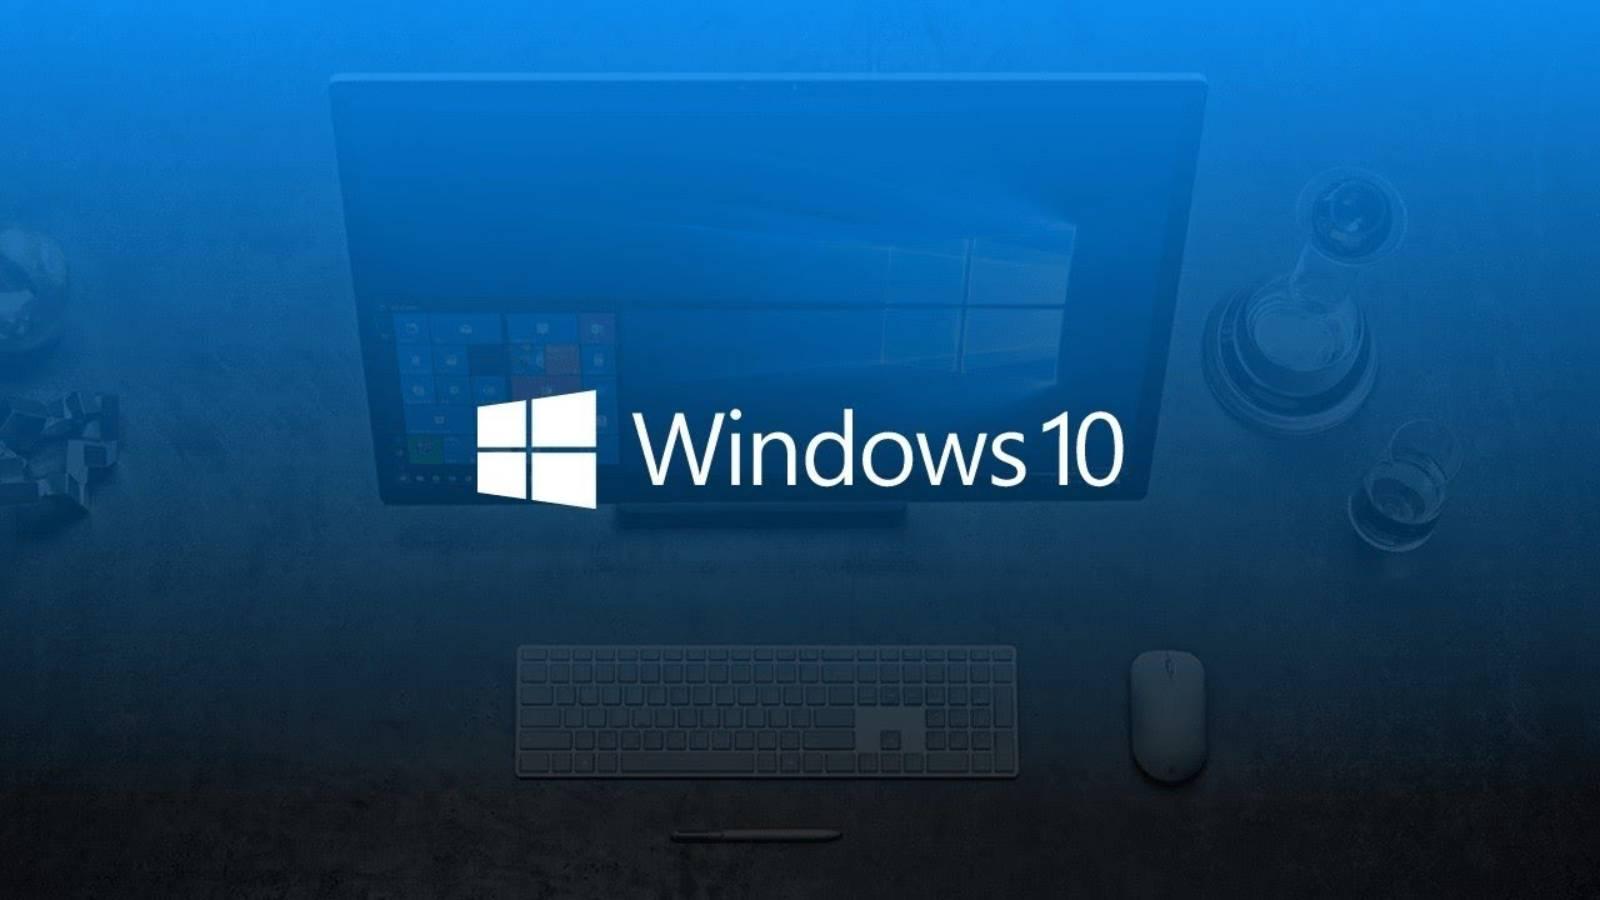 Windows 10 drivere terte